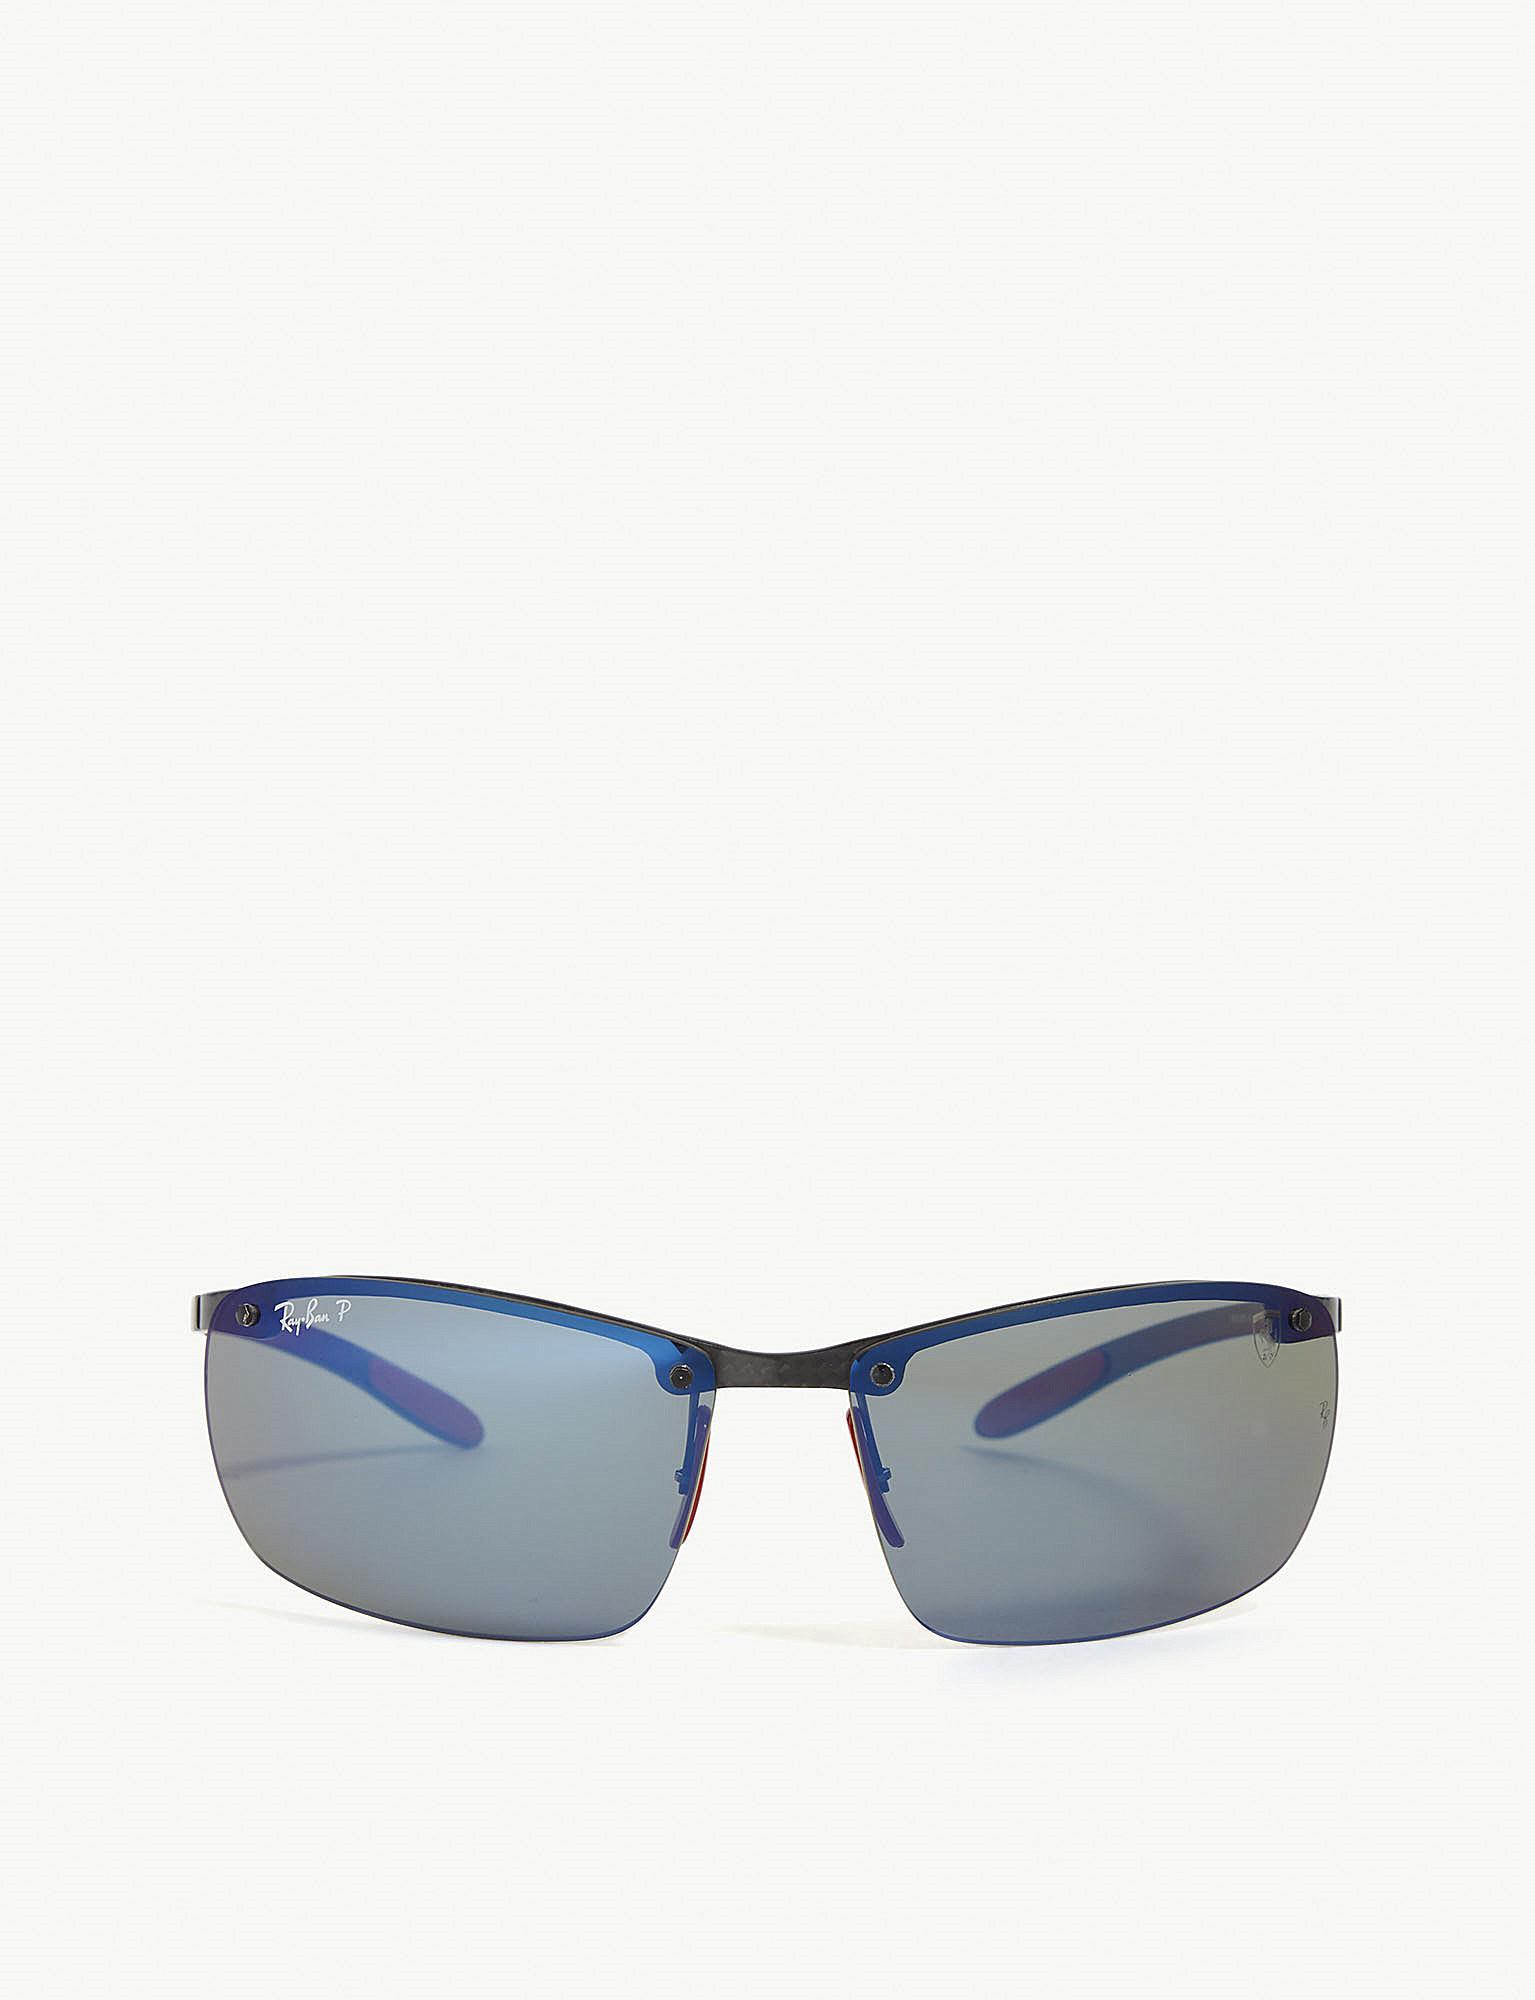 5d66974280e91 Lyst - Ray-Ban Rb8305 Ferrari Rectangular Sunglasses in Black for Men